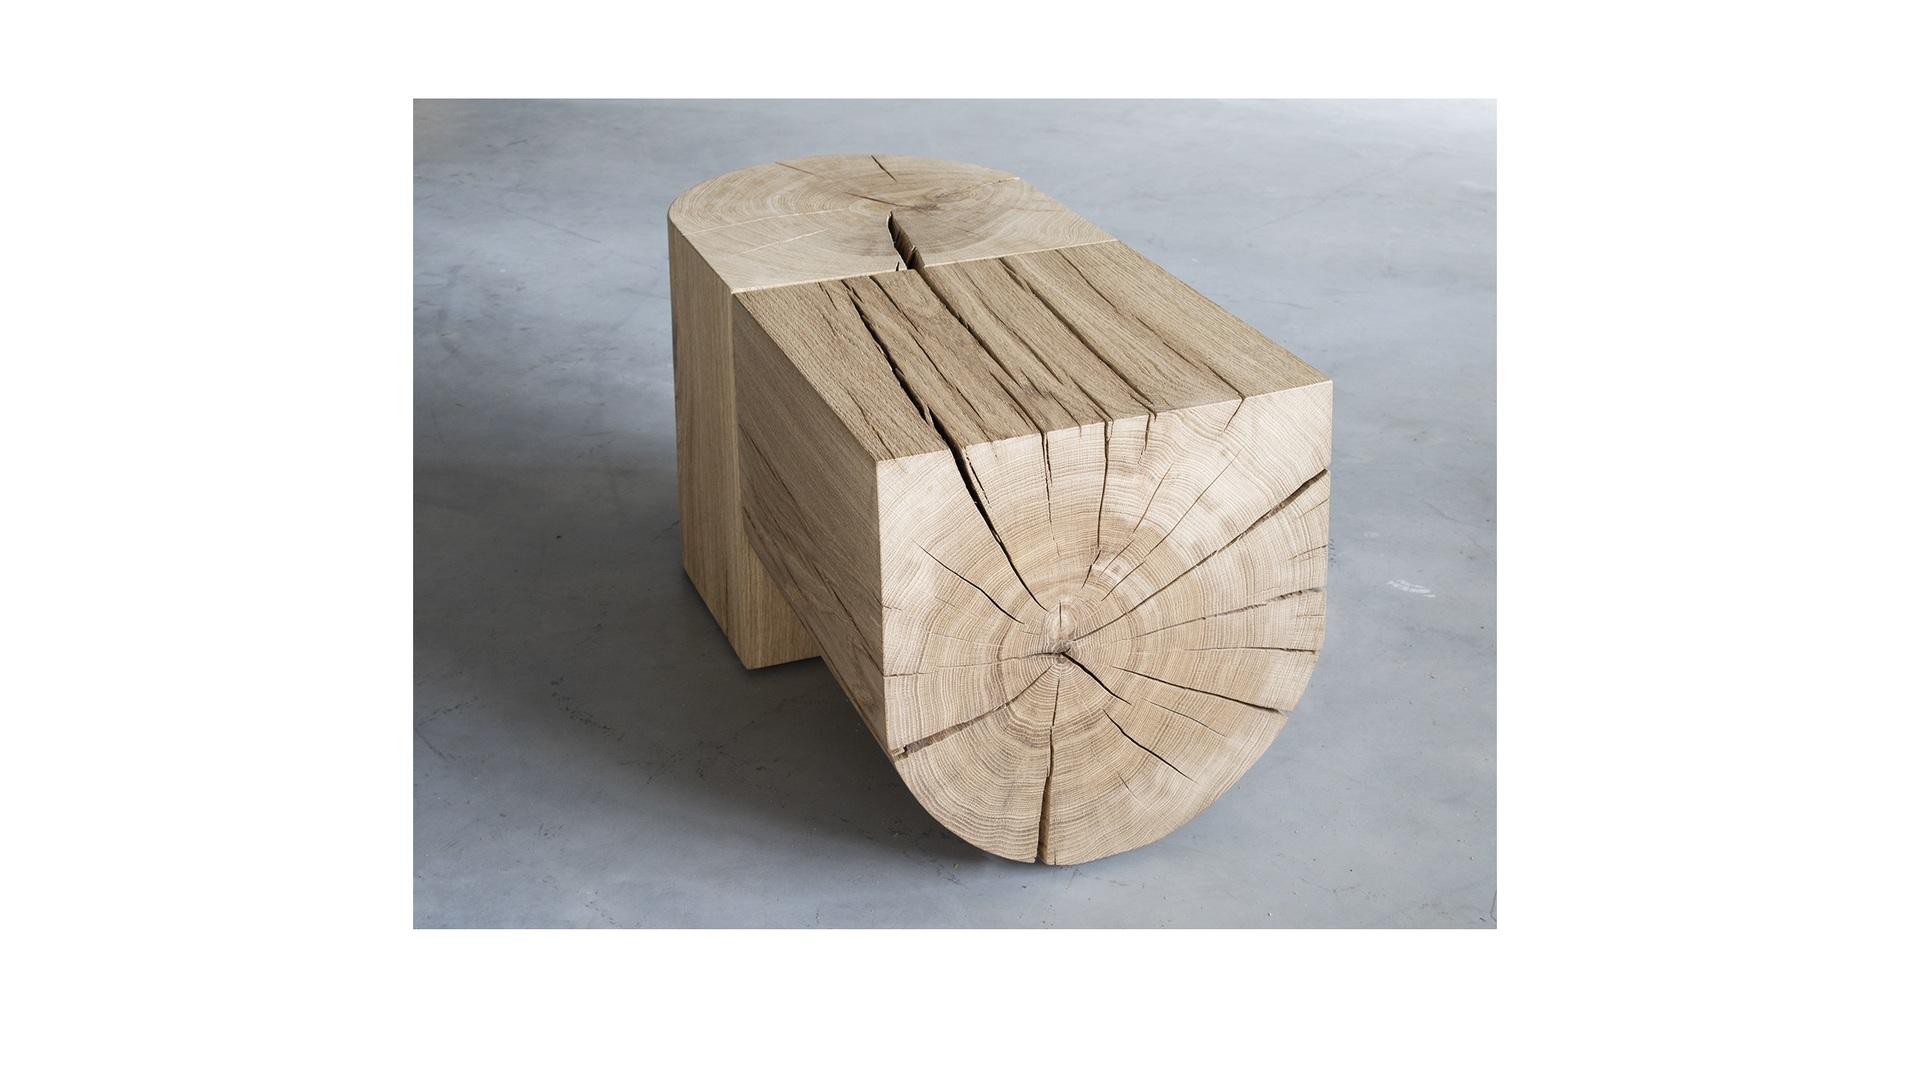 Adjacencies-side-table-04 klein.jpg